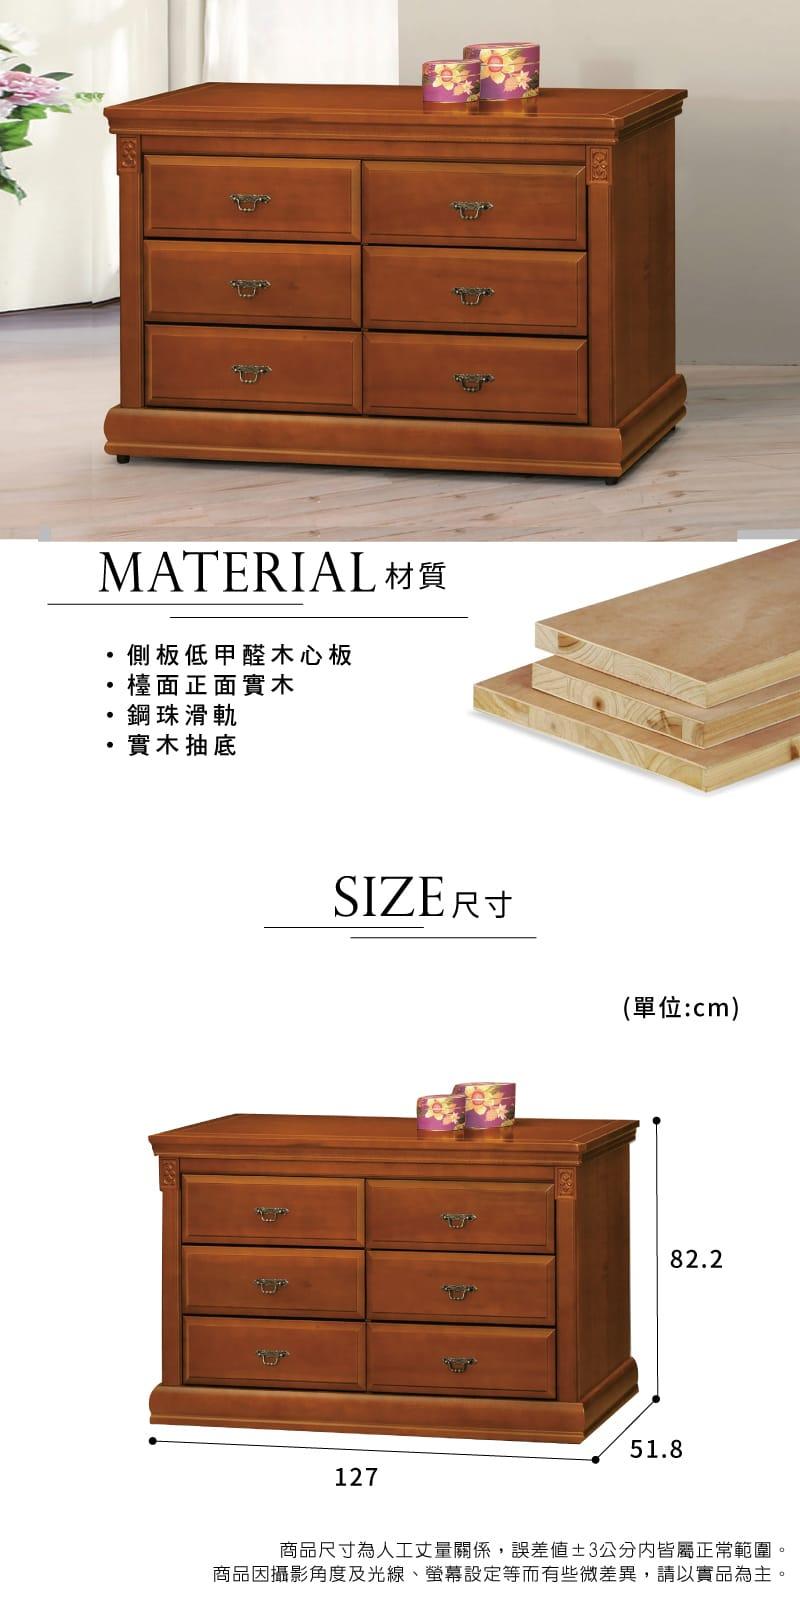 實木收納置物六斗櫃 寬127cm【賽德克】